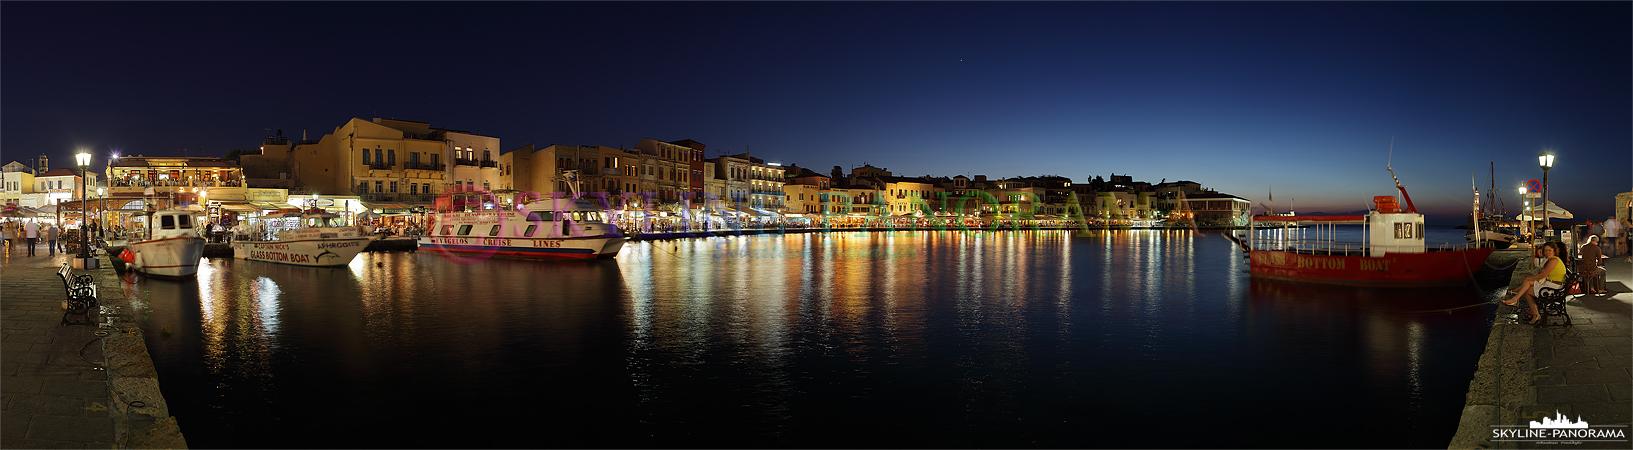 Griechenlands Inseln - Ein abendliches Panorama Bild aus dem venezianischen Hafen von der im Westen Kretas gelegenen Stadt Chania.